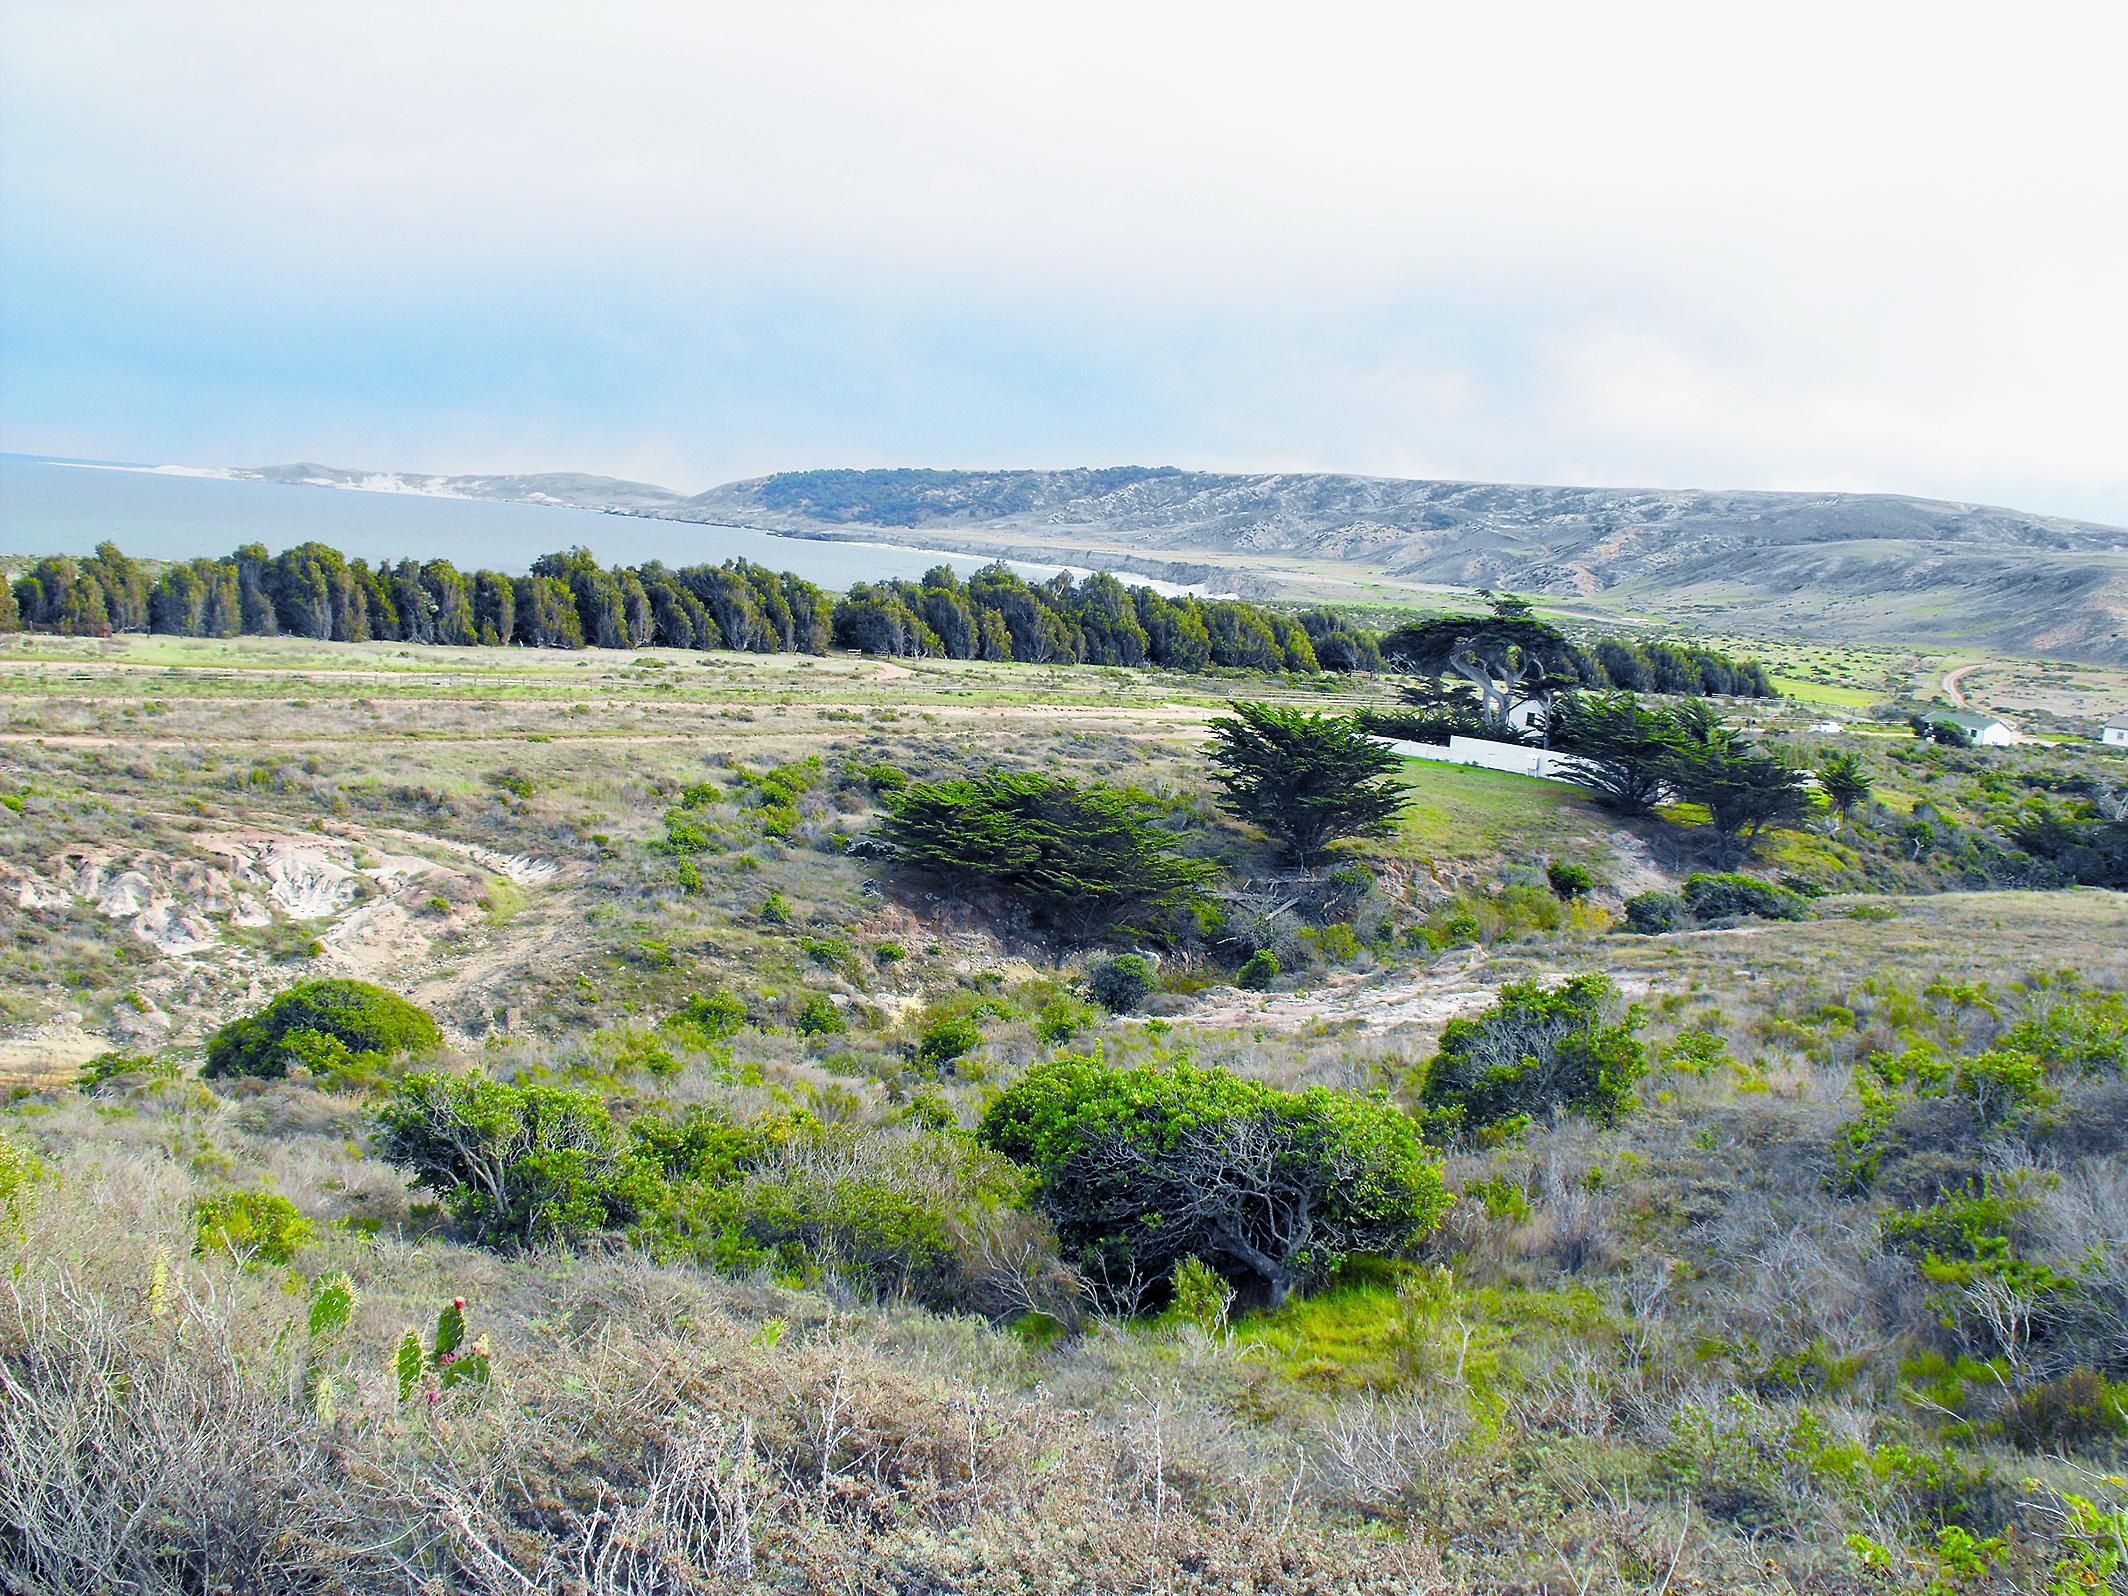 Era Ends, New One Begins at Santa Rosa Island